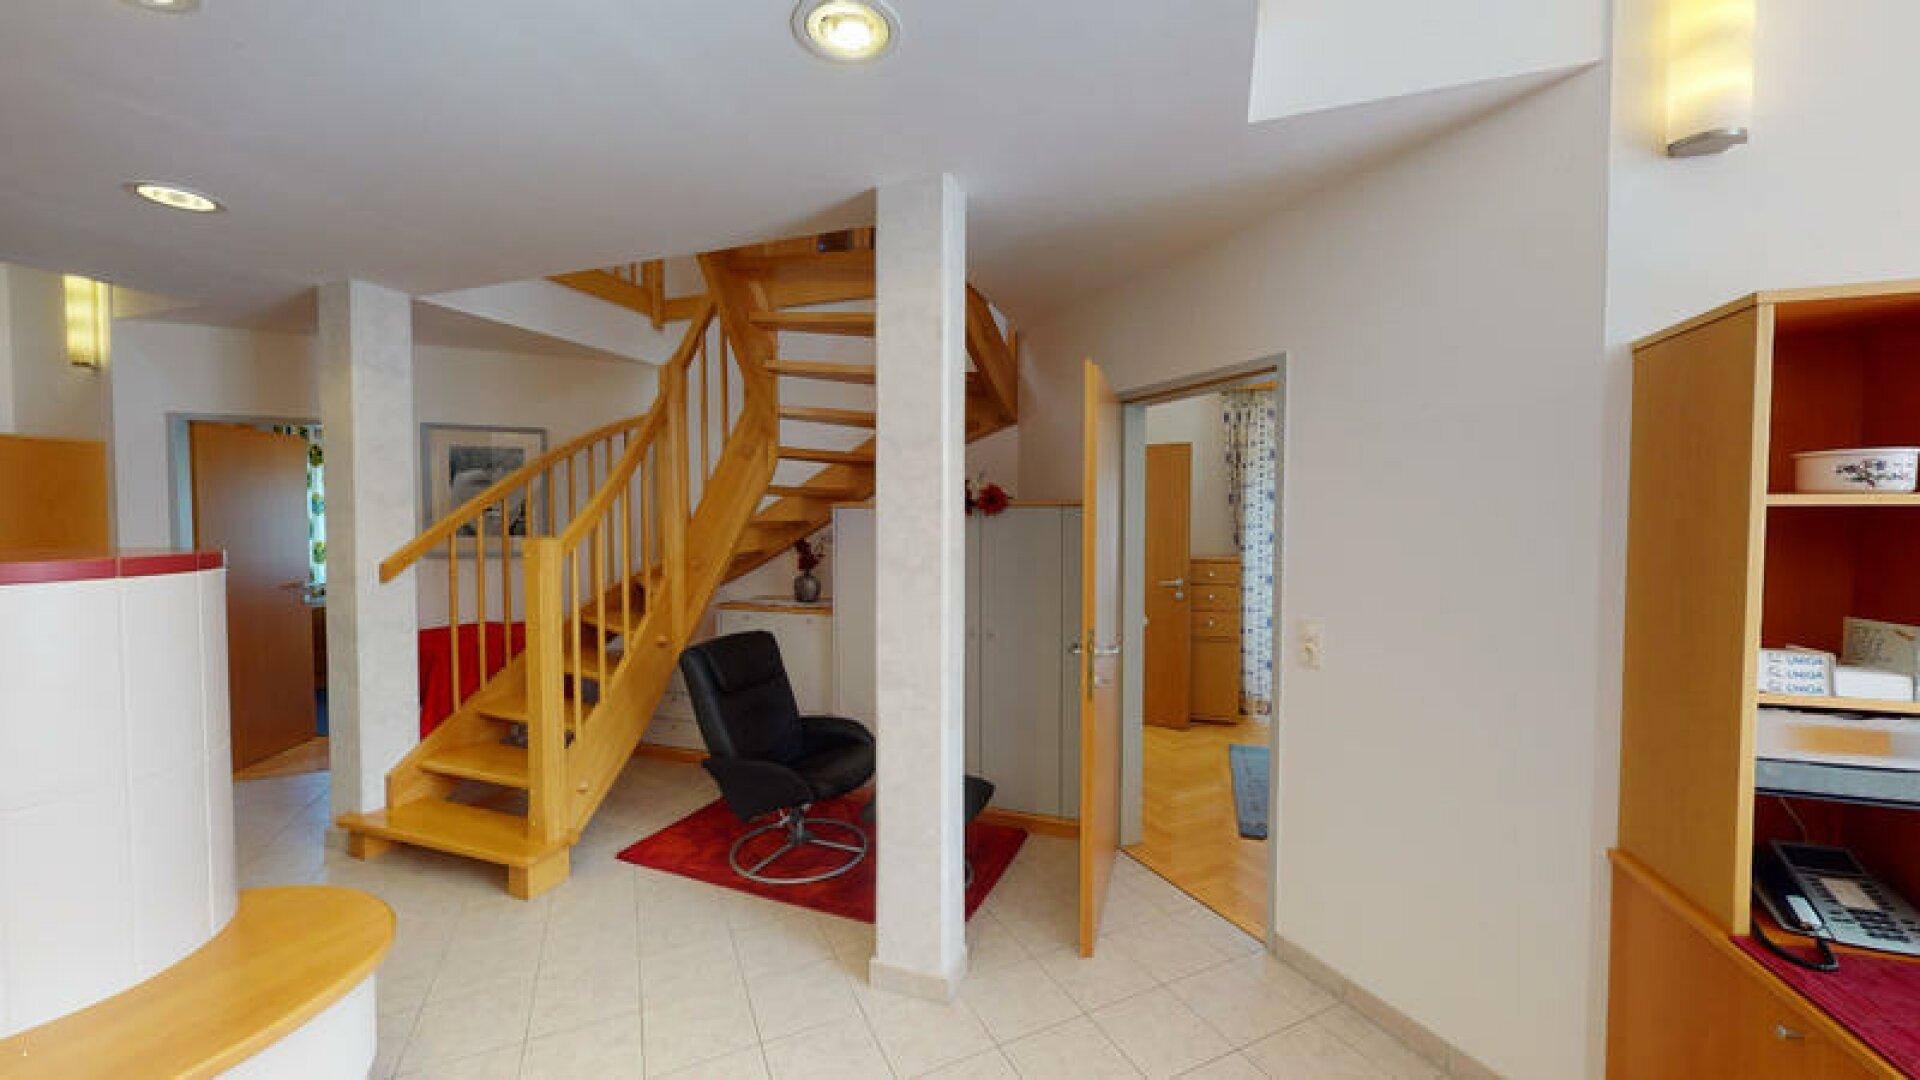 Wohnzimmer offene Treppe zum Galeriezimmer